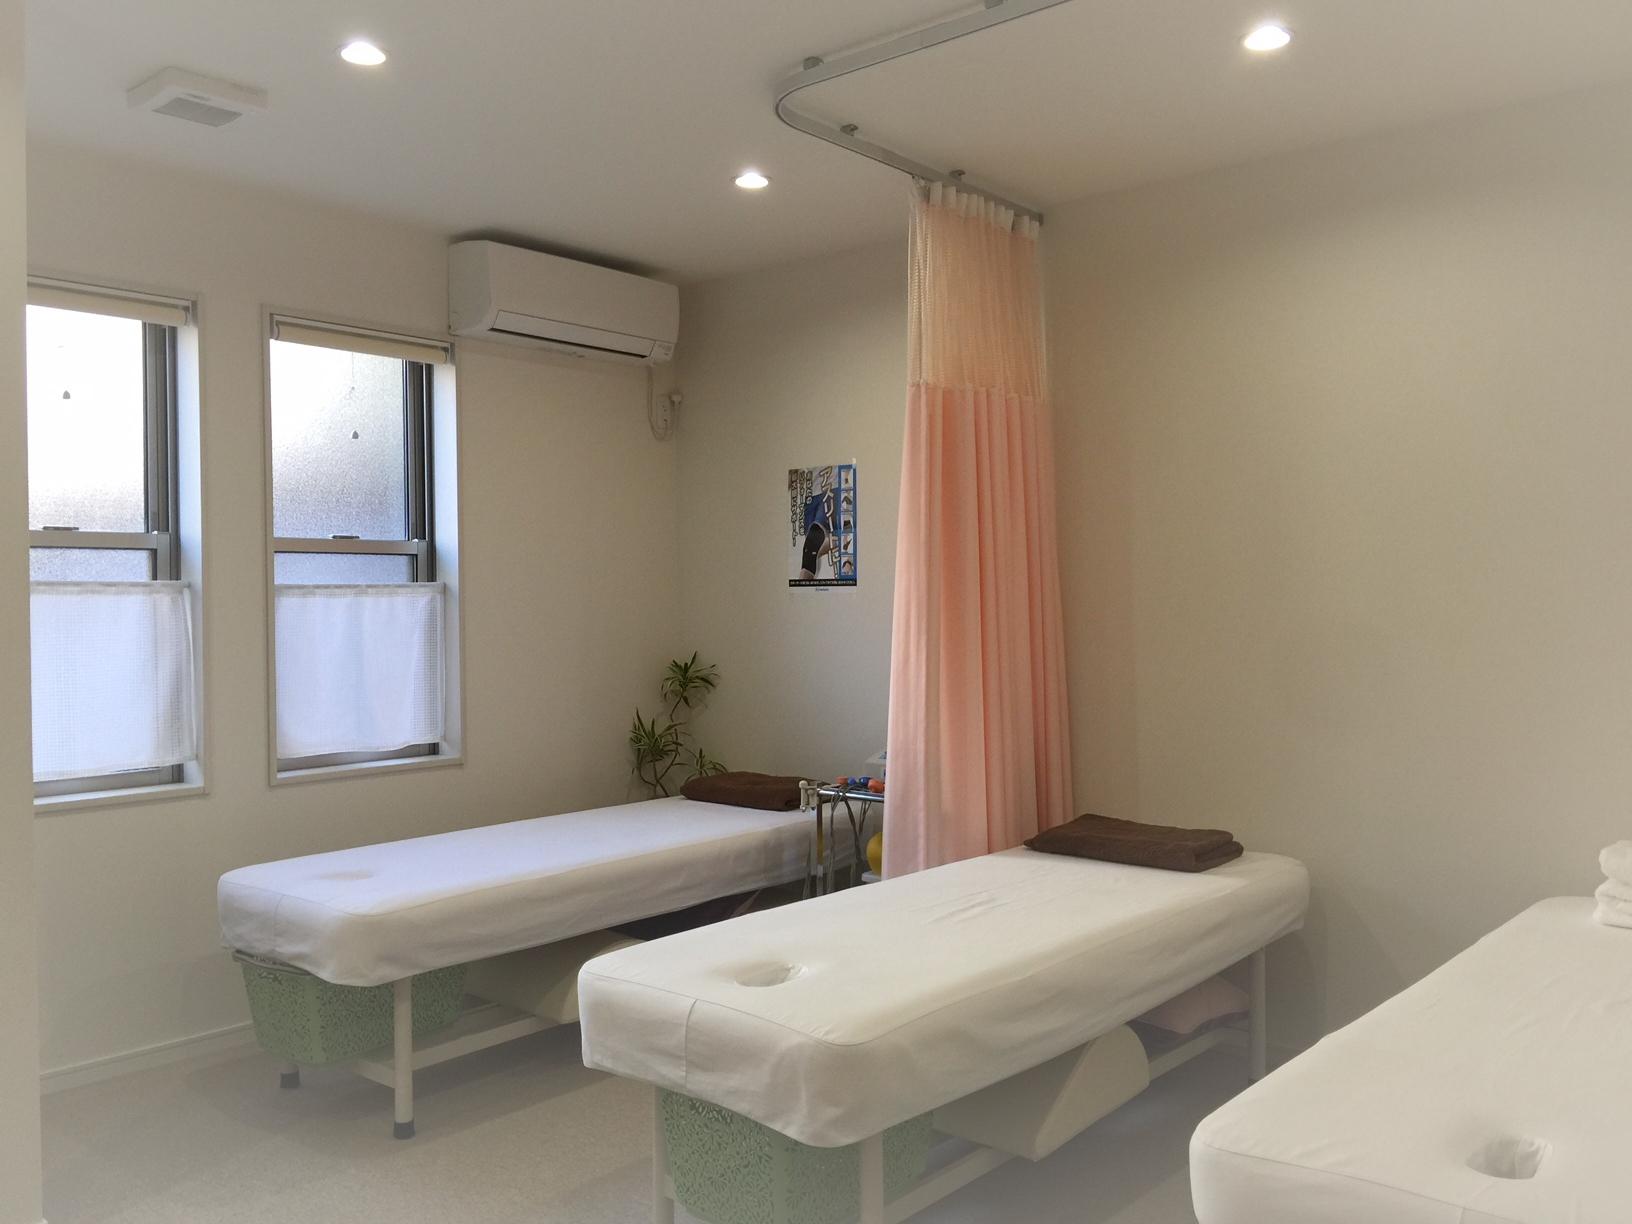 尾藤治療院施術室